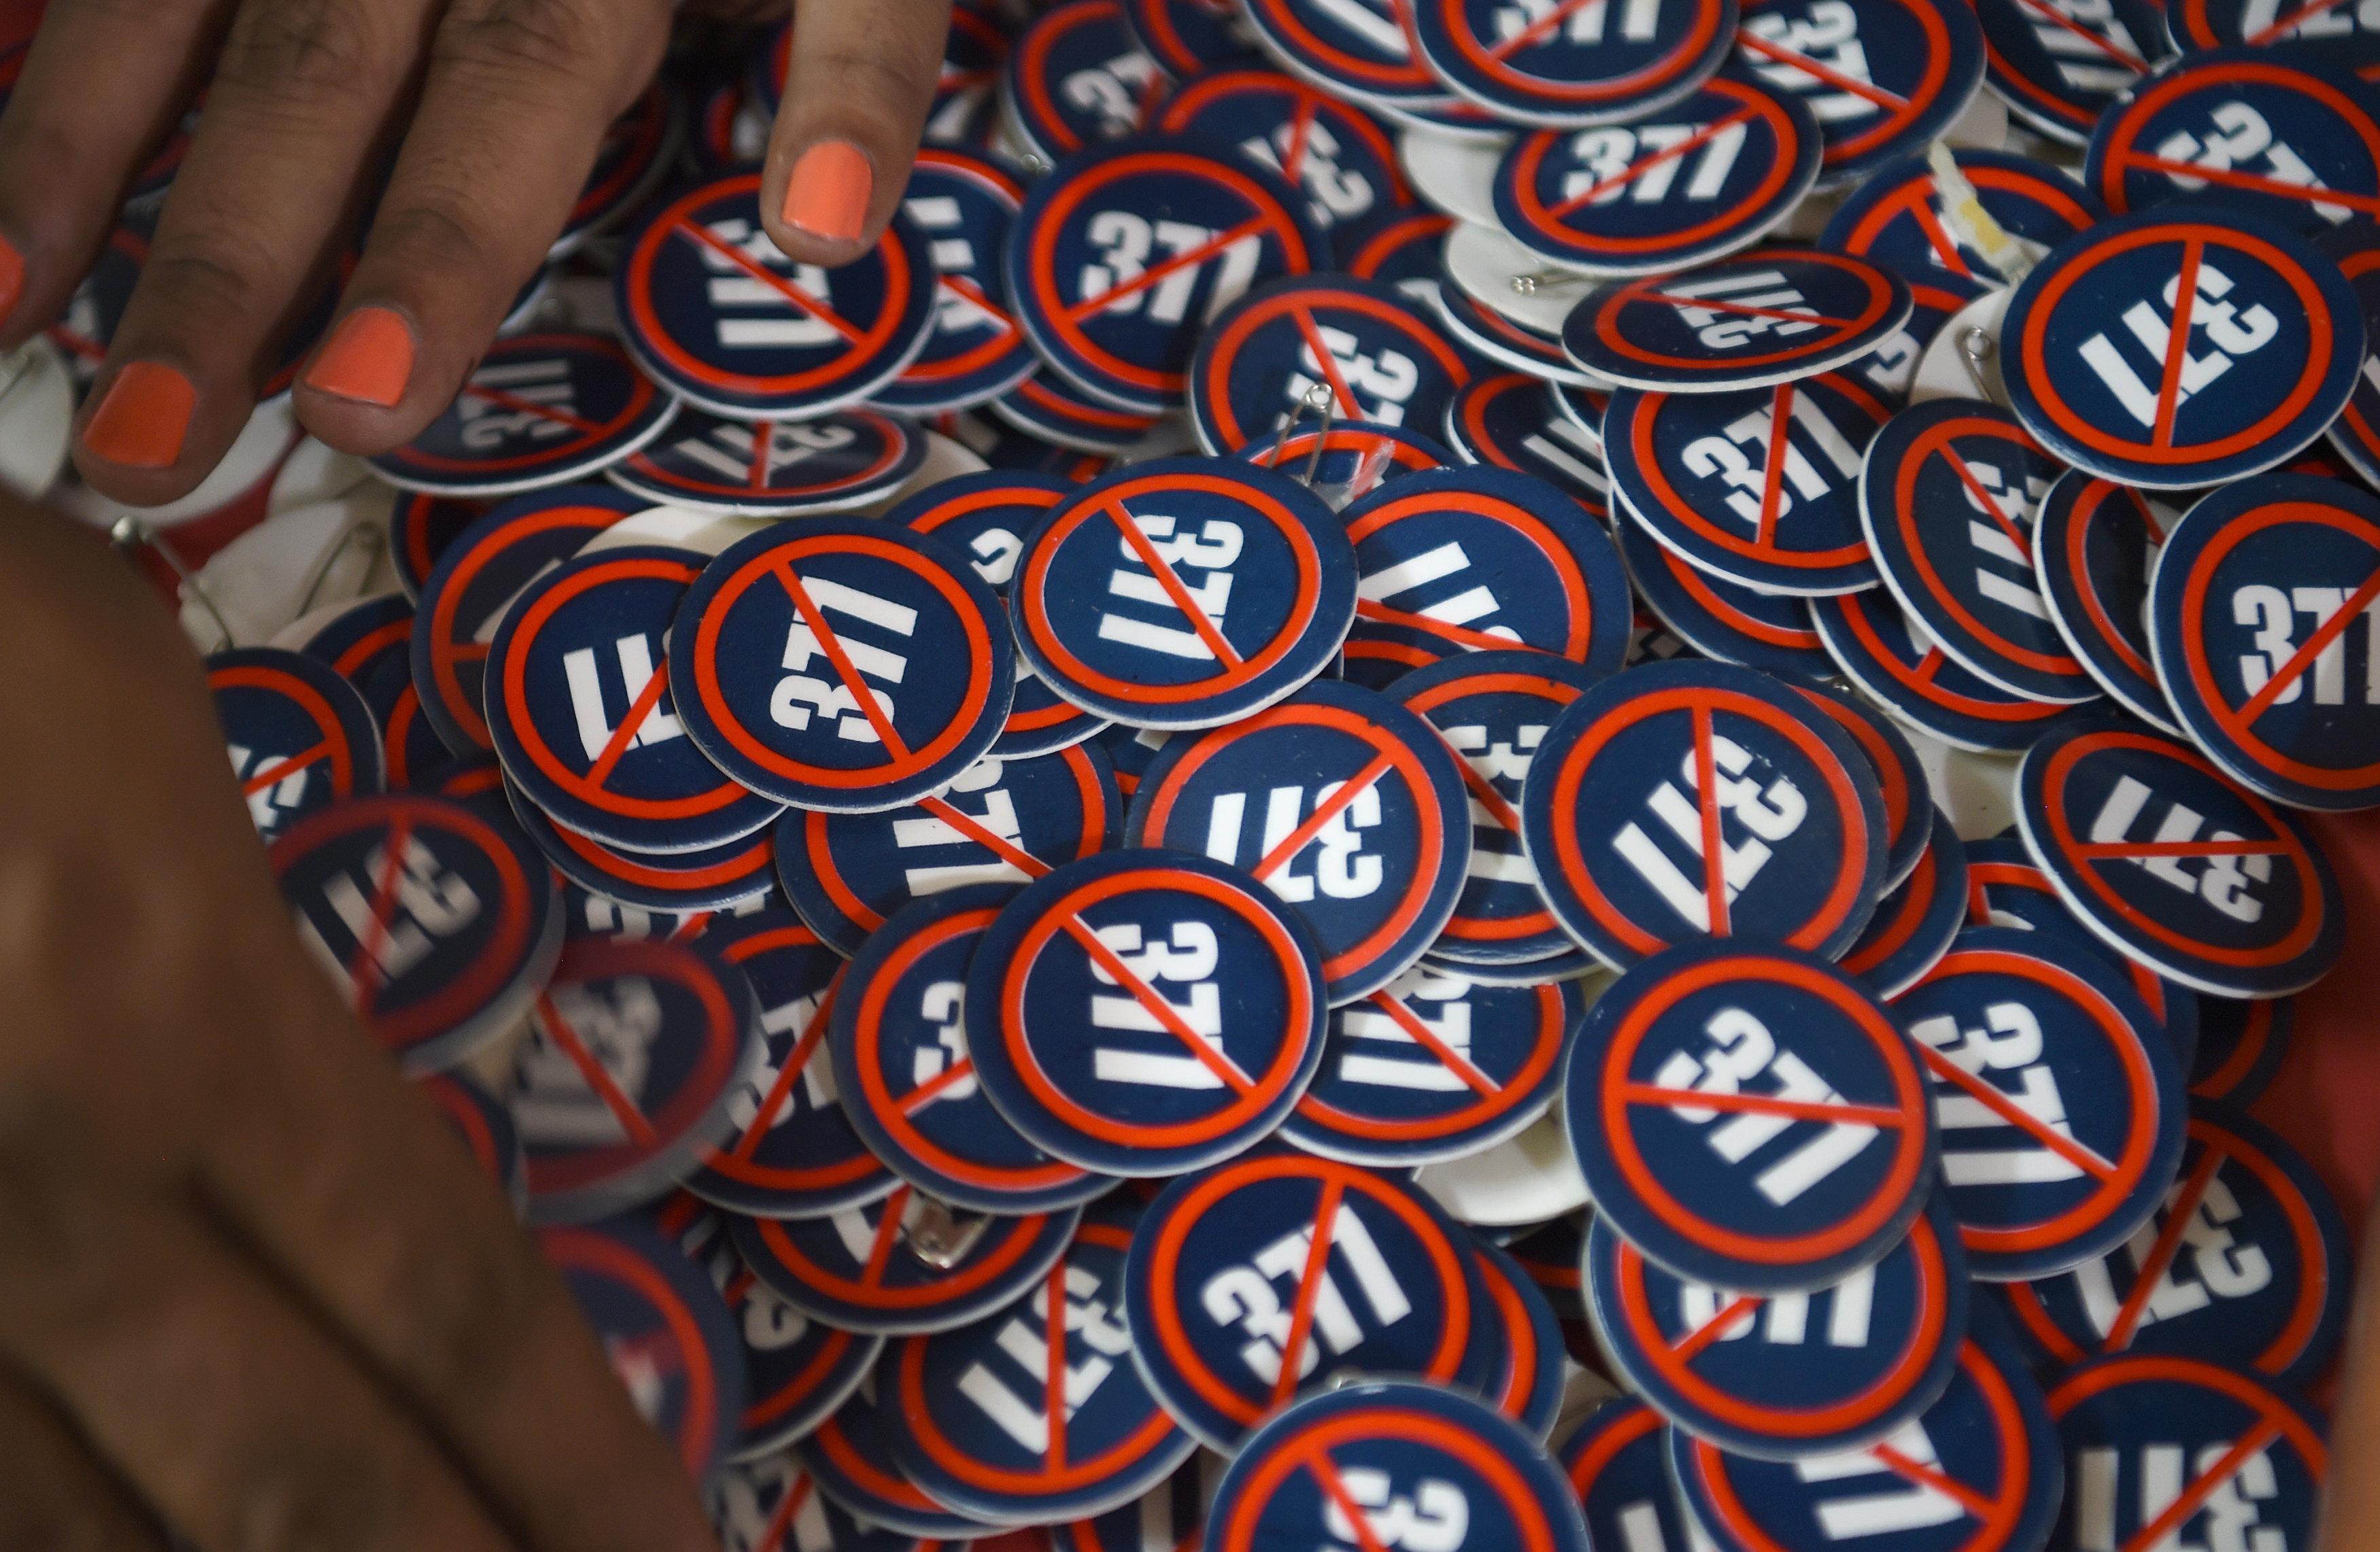 Las chapas con el número 377 rayado que representa la anulación de la llamada Sección 377